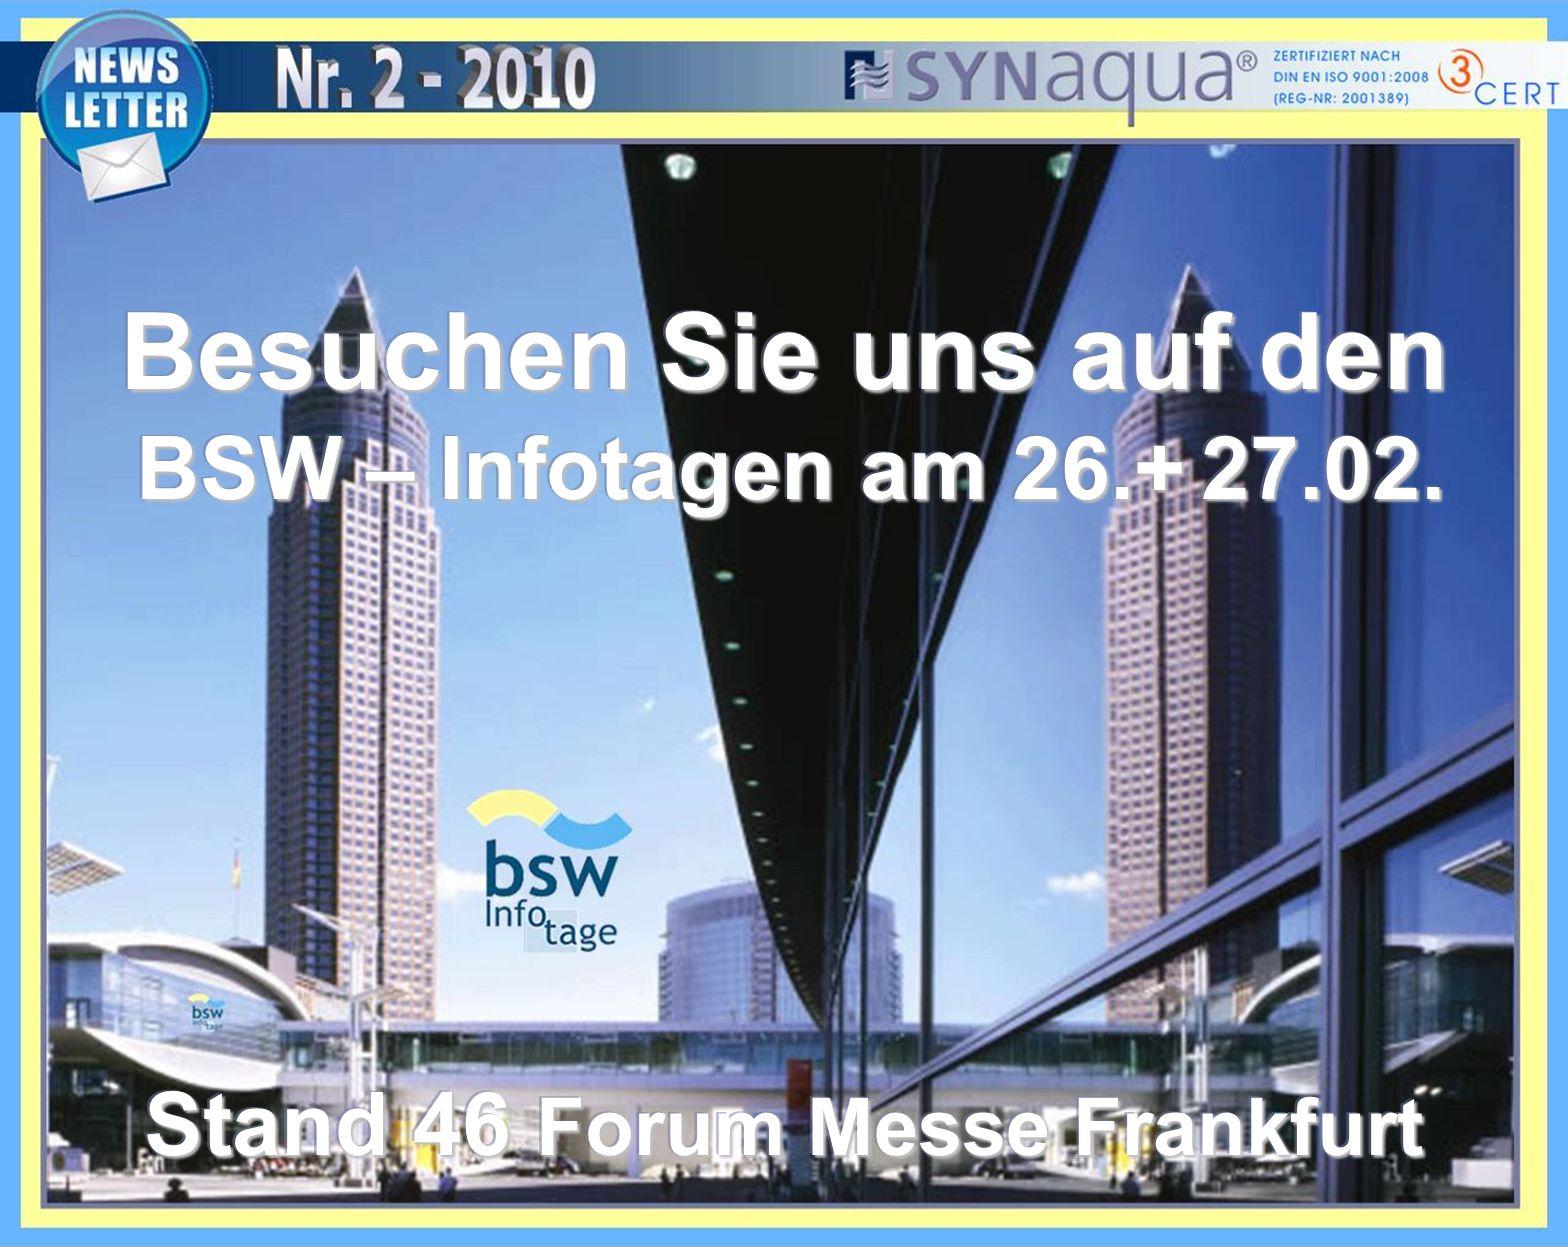 Besuchen Sie uns auf den BSW – Infotagen am 26.+ 27.02. Stand 46 Forum Messe Frankfurt